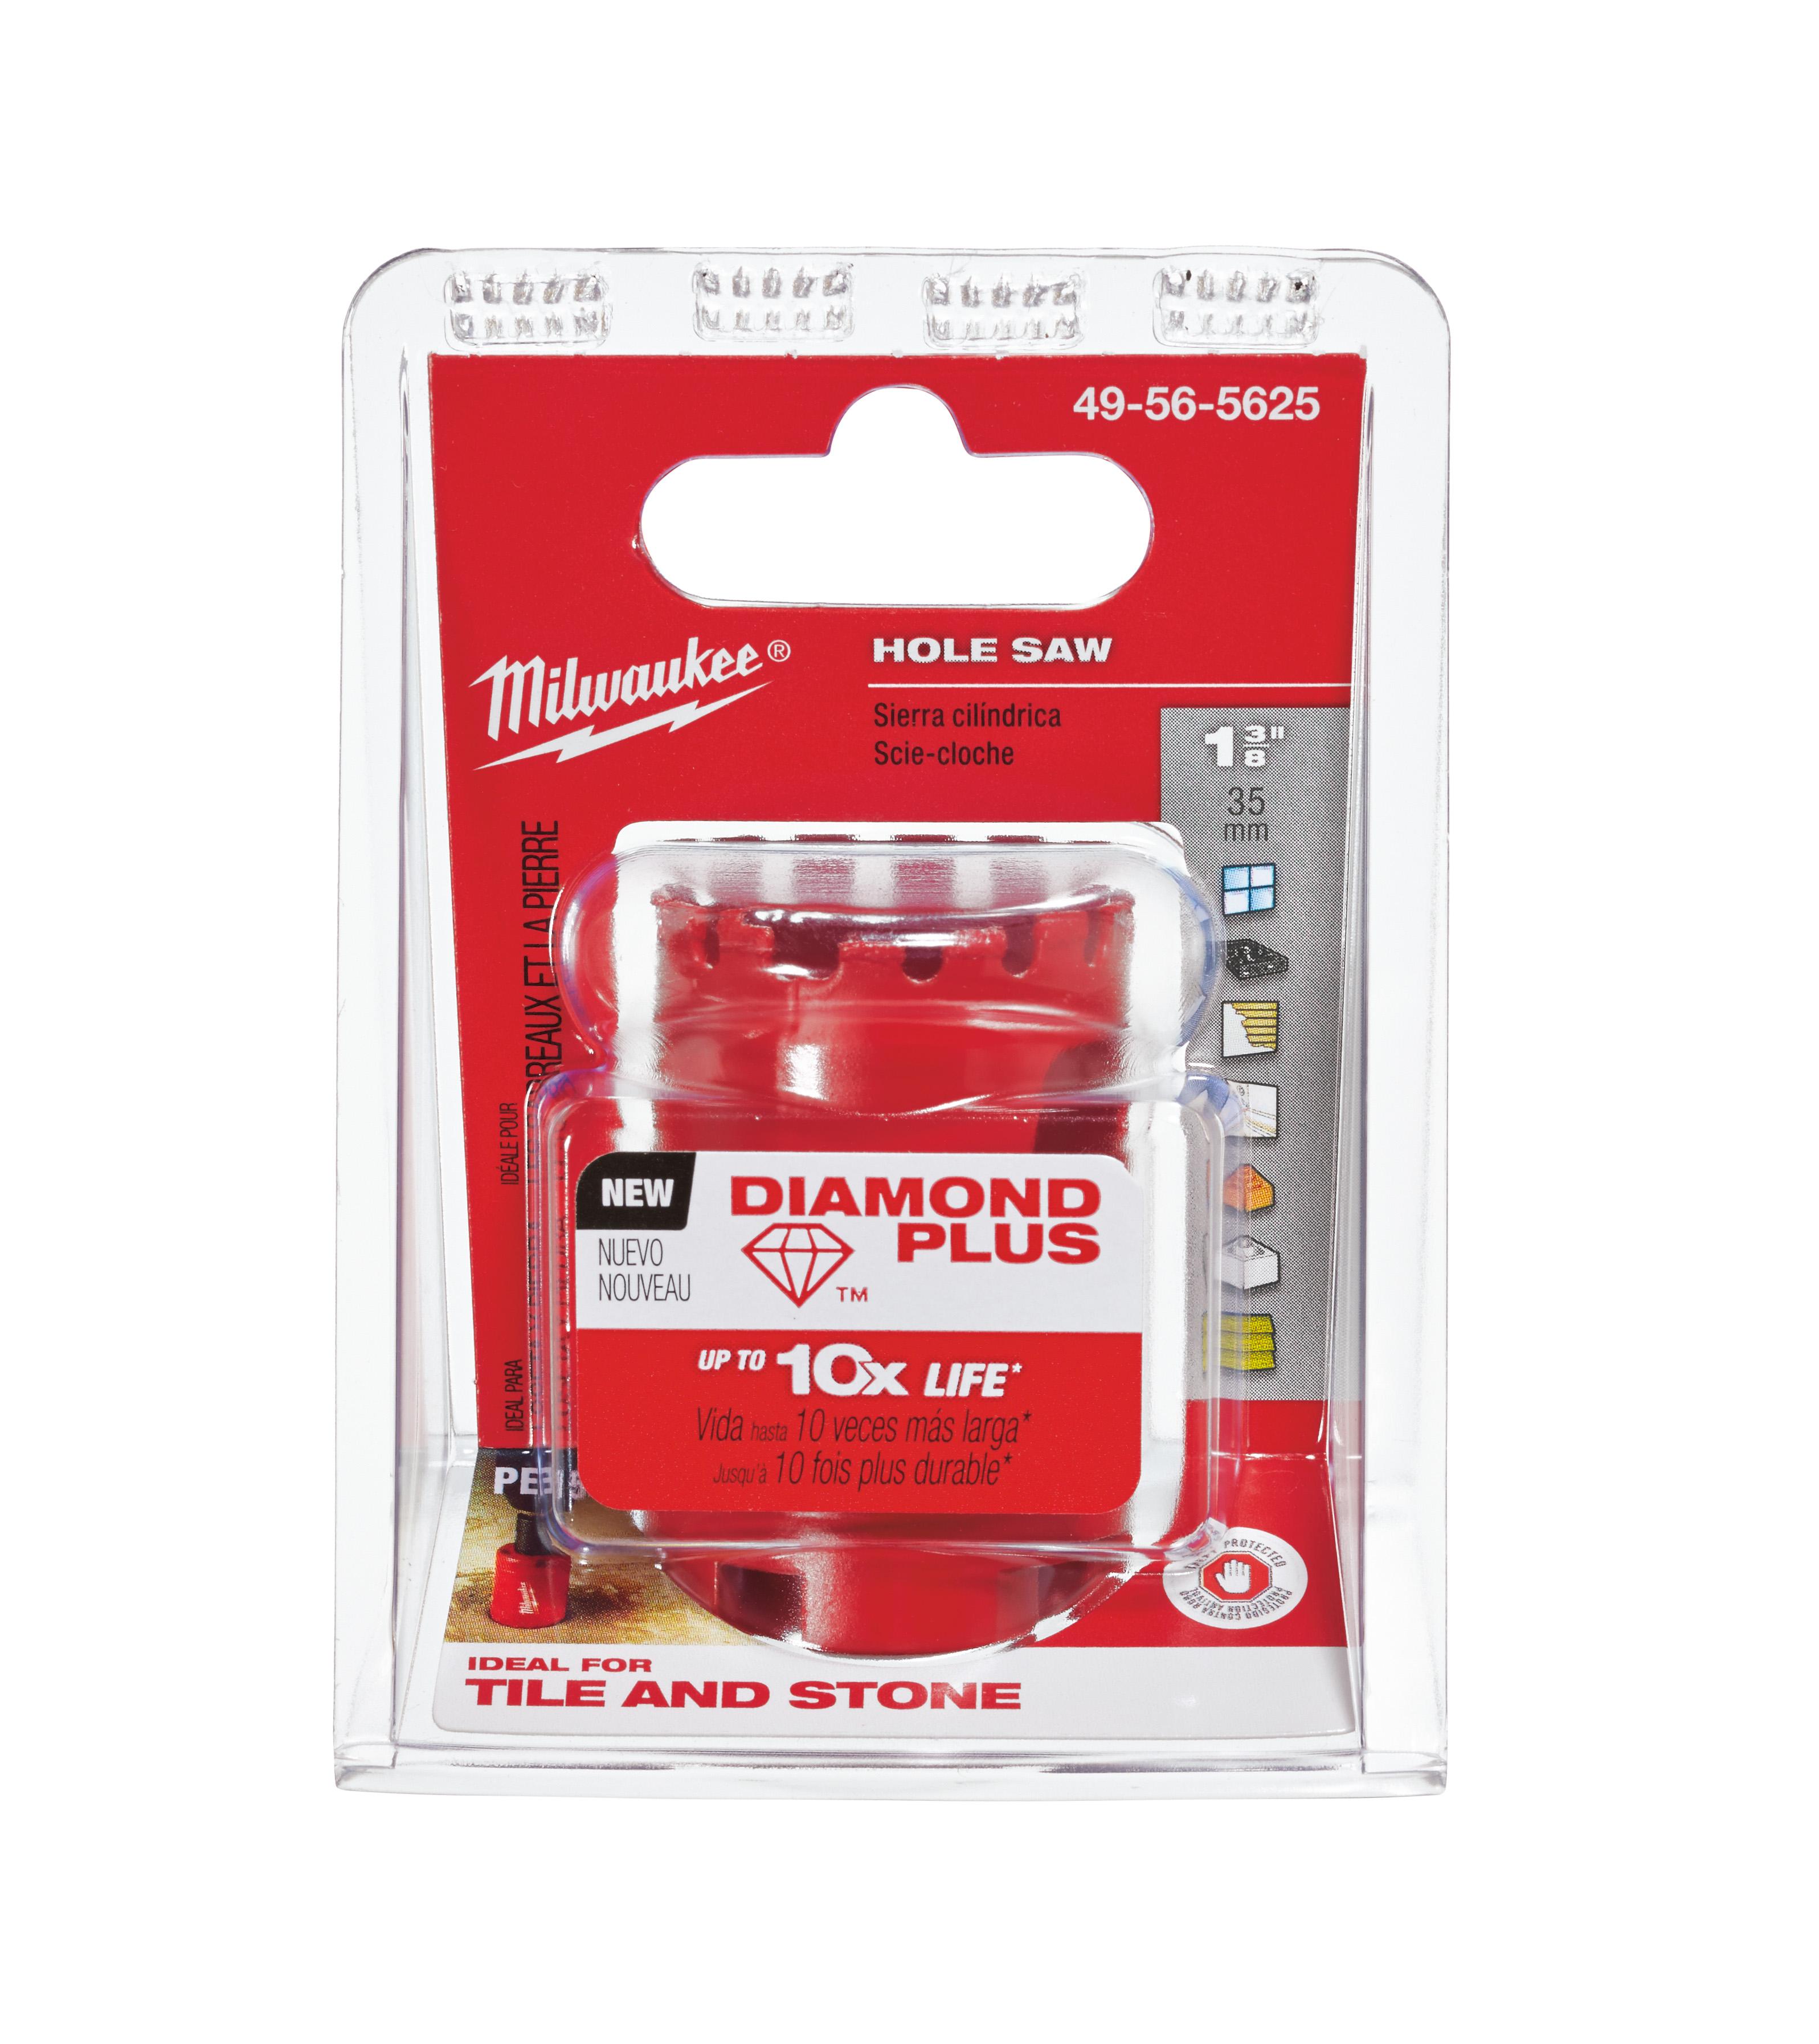 Milwaukee® Diamond Plus™ 49-56-5625 Hole Saw, 1-3/8 in Dia, 1-1/2 in D Cutting, Diamond Grit Cutting Edge